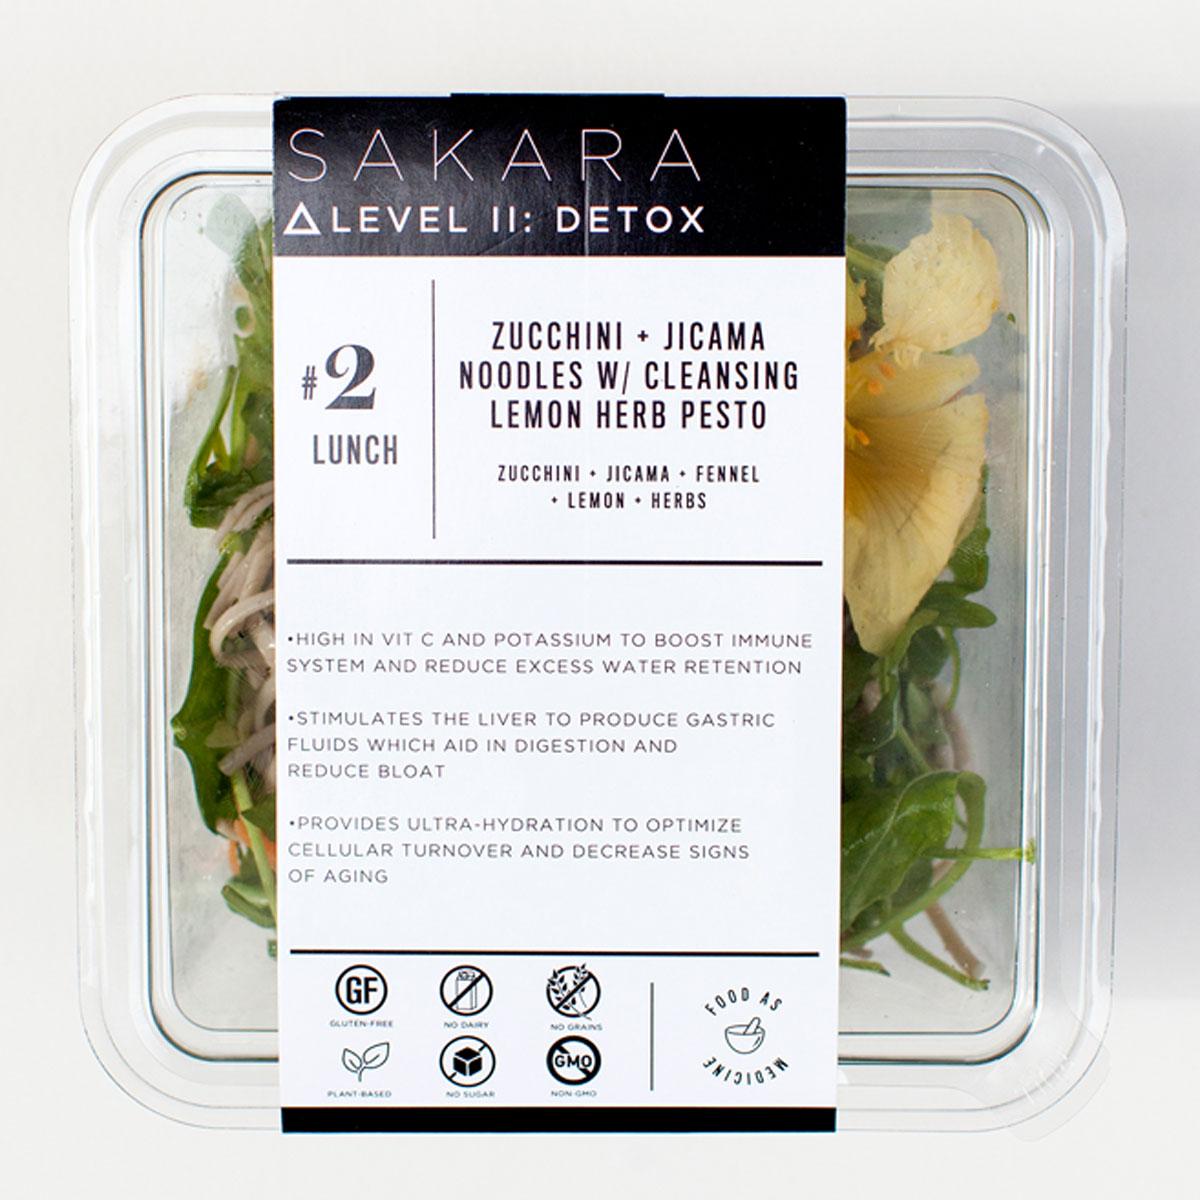 Sakara Detox and Lifestyle Foods